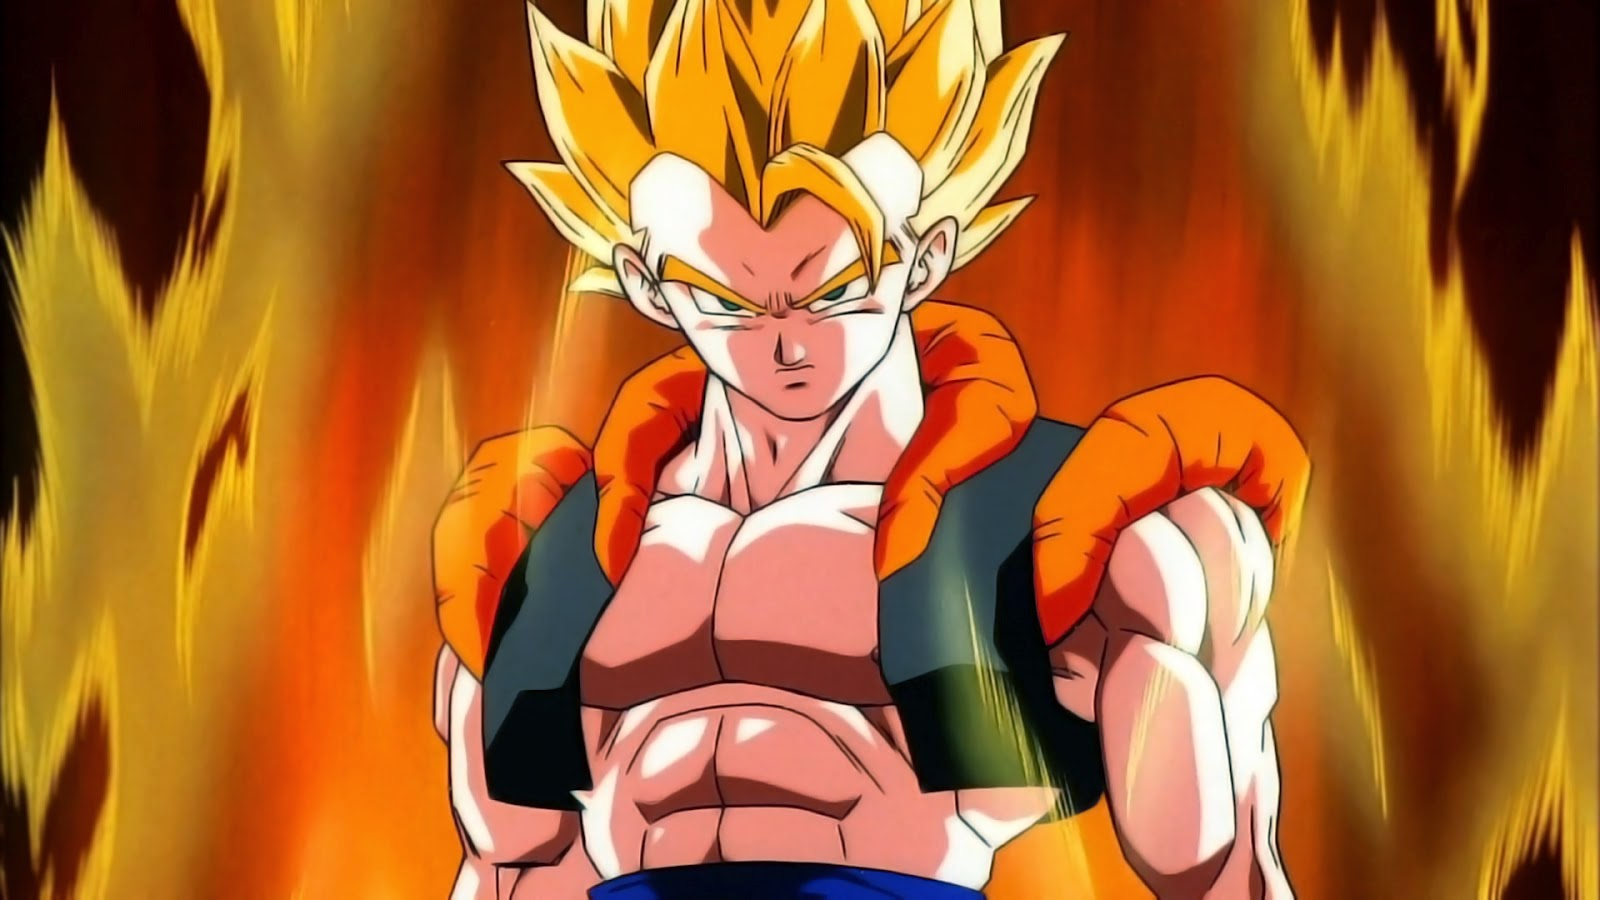 Kumpulan Gambar Dragon Ball | Gambar Lucu Terbaru Cartoon ...